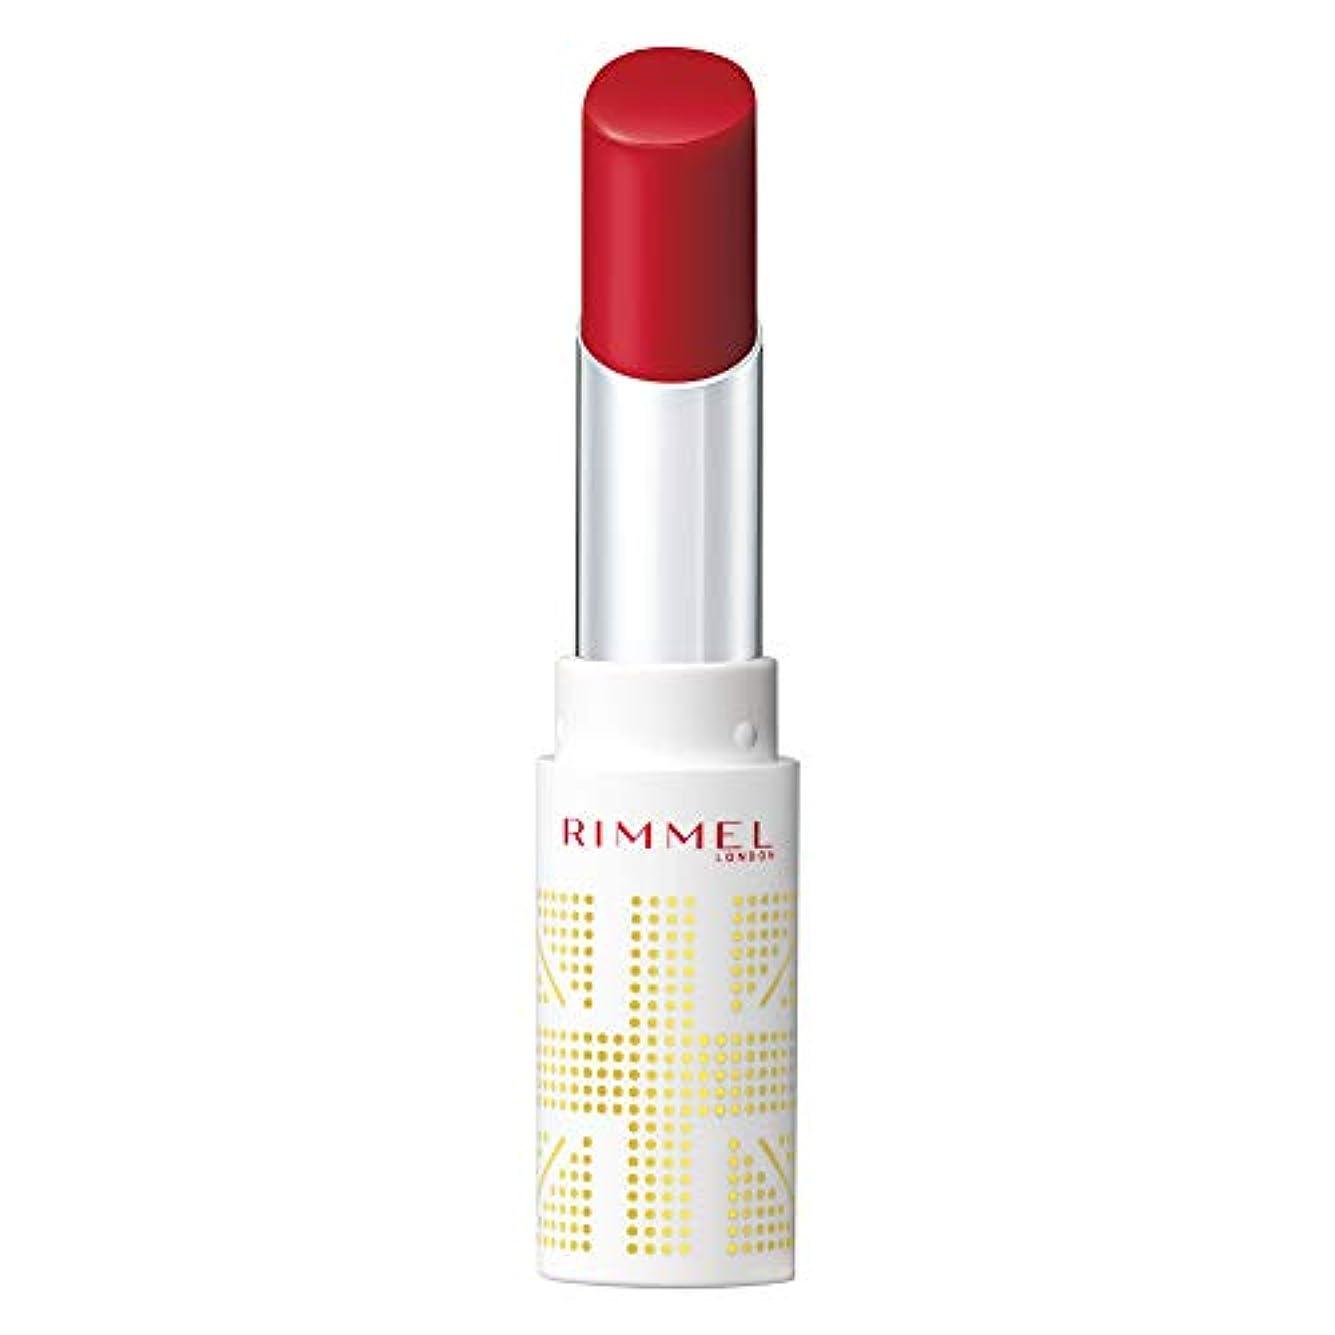 ミリメーターあまりにもすばらしいですRimmel (リンメル) リンメル ラスティングフィニッシュ オイルティントリップ 003 クラシカルレッド 3.8g 口紅